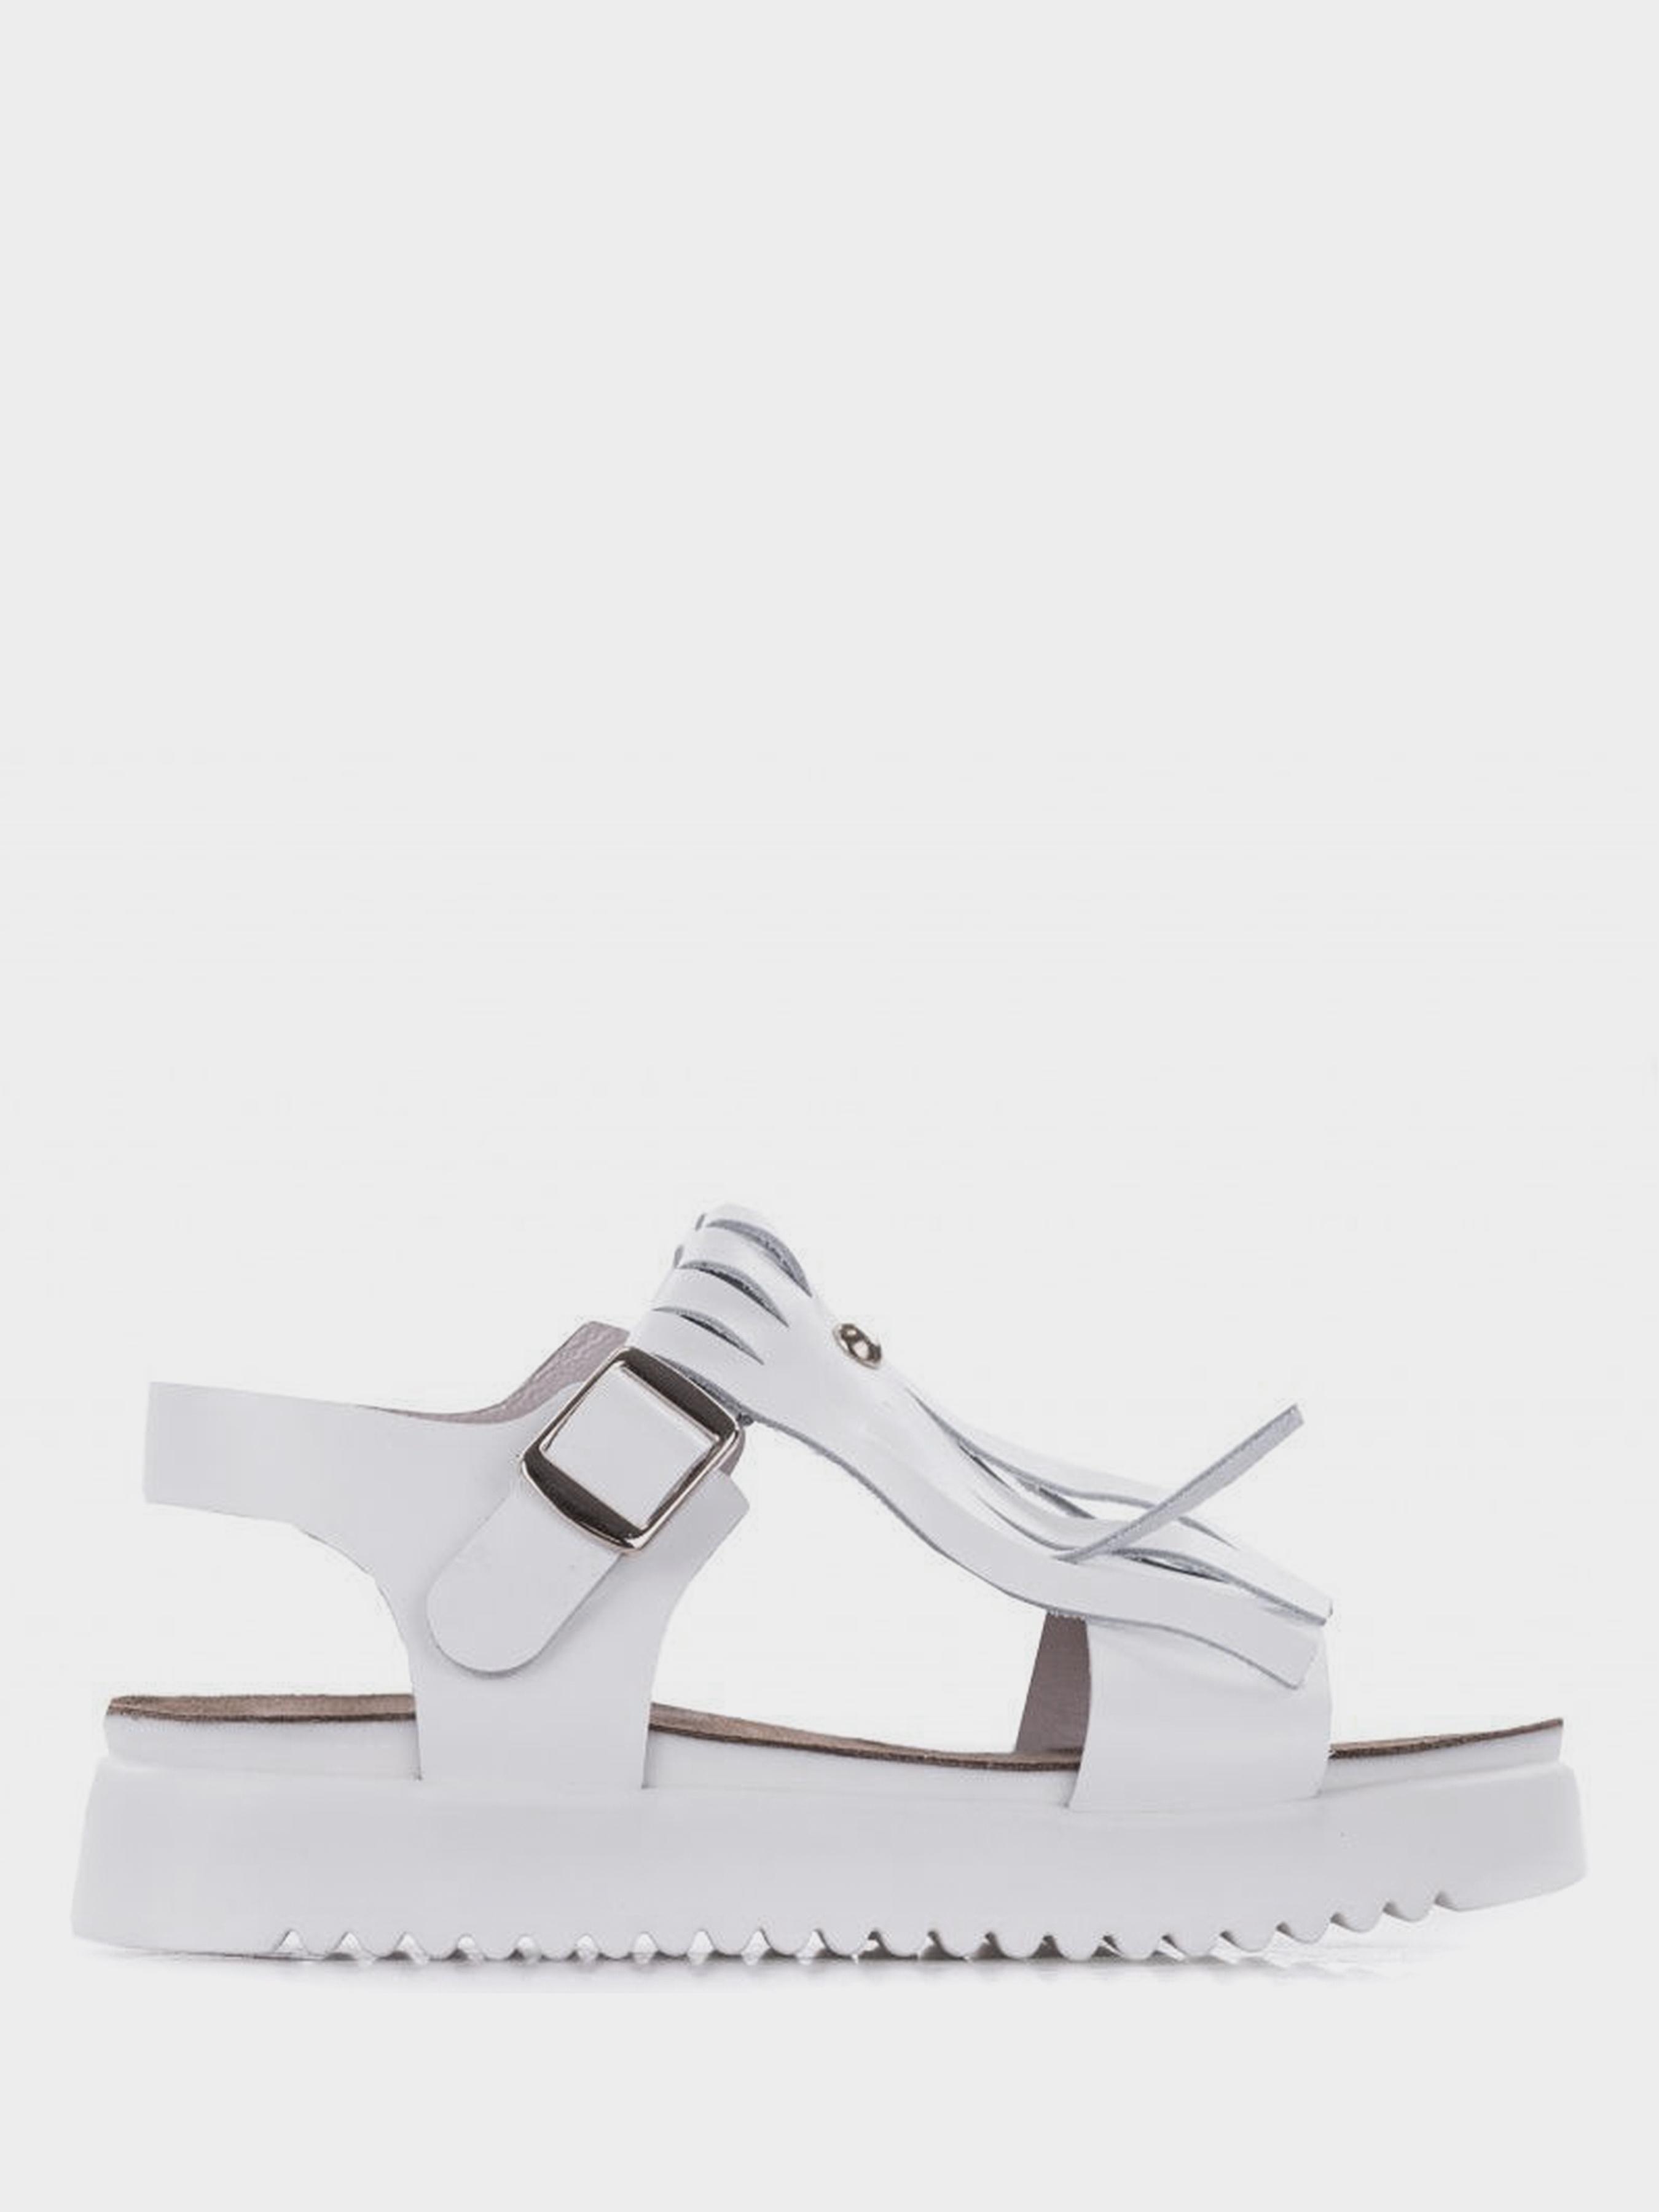 Босоножки для женщин Papuchi 9R19 размерная сетка обуви, 2017